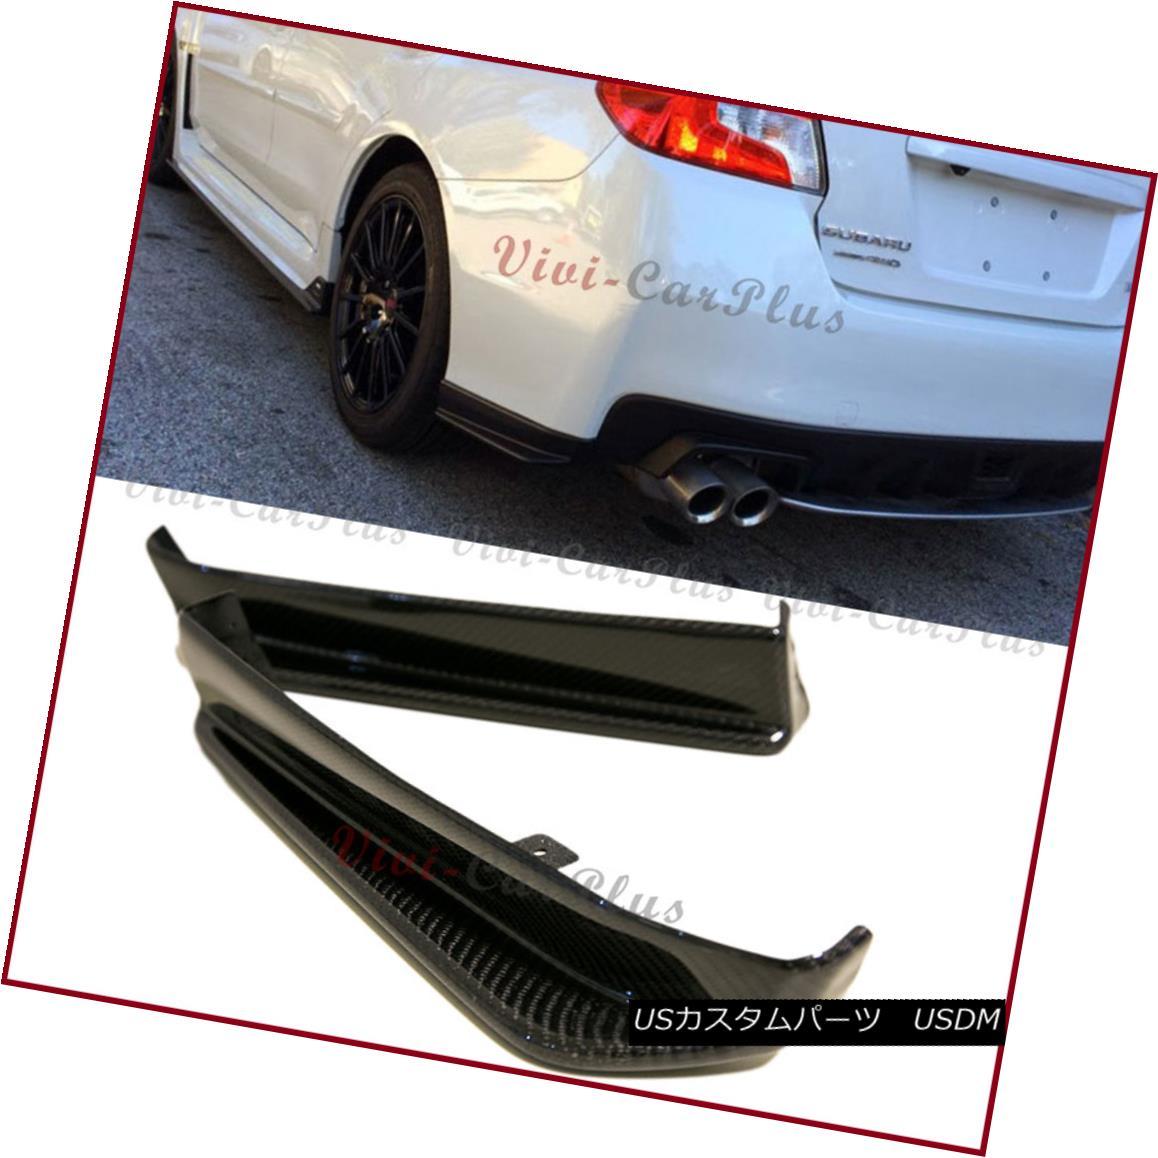 エアロパーツ For 15-17 Subaru STI WRX V Type 3K Carbon Fiber Rear Side Splitter Spoiler 2 Lip 15-17スバルSTI WRX Vタイプ3Kカーボンファイバーリアサイドスプリッタースポイラー2リップ